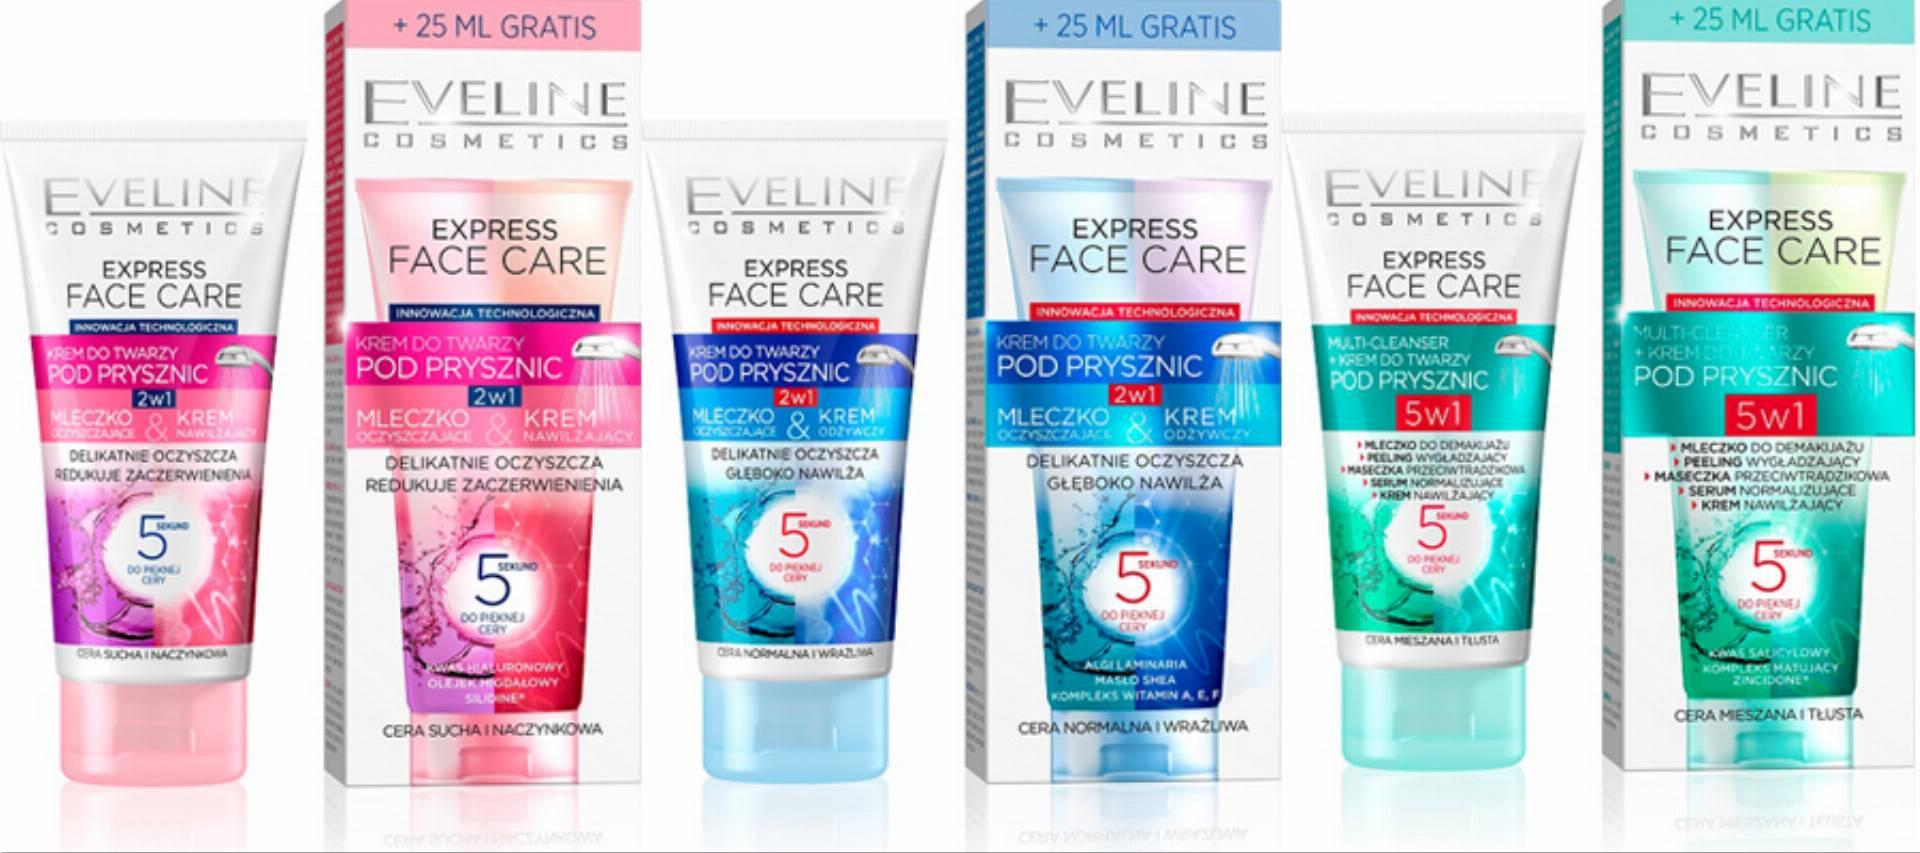 kremy do twarzy pod prysznic od eveline cosmetics